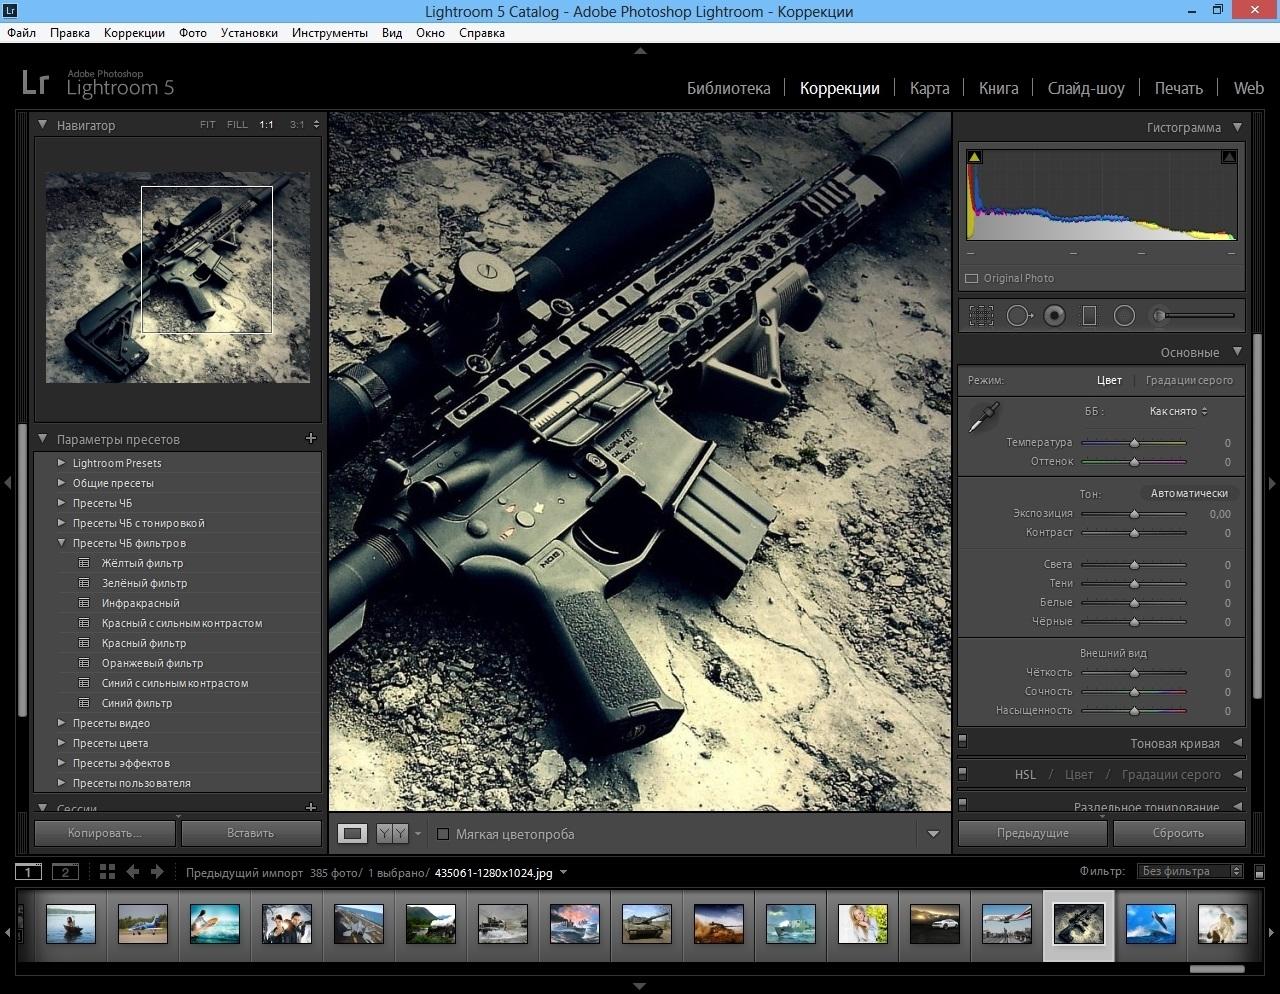 Adobe photoshop lightroom v 4 3 final 2012